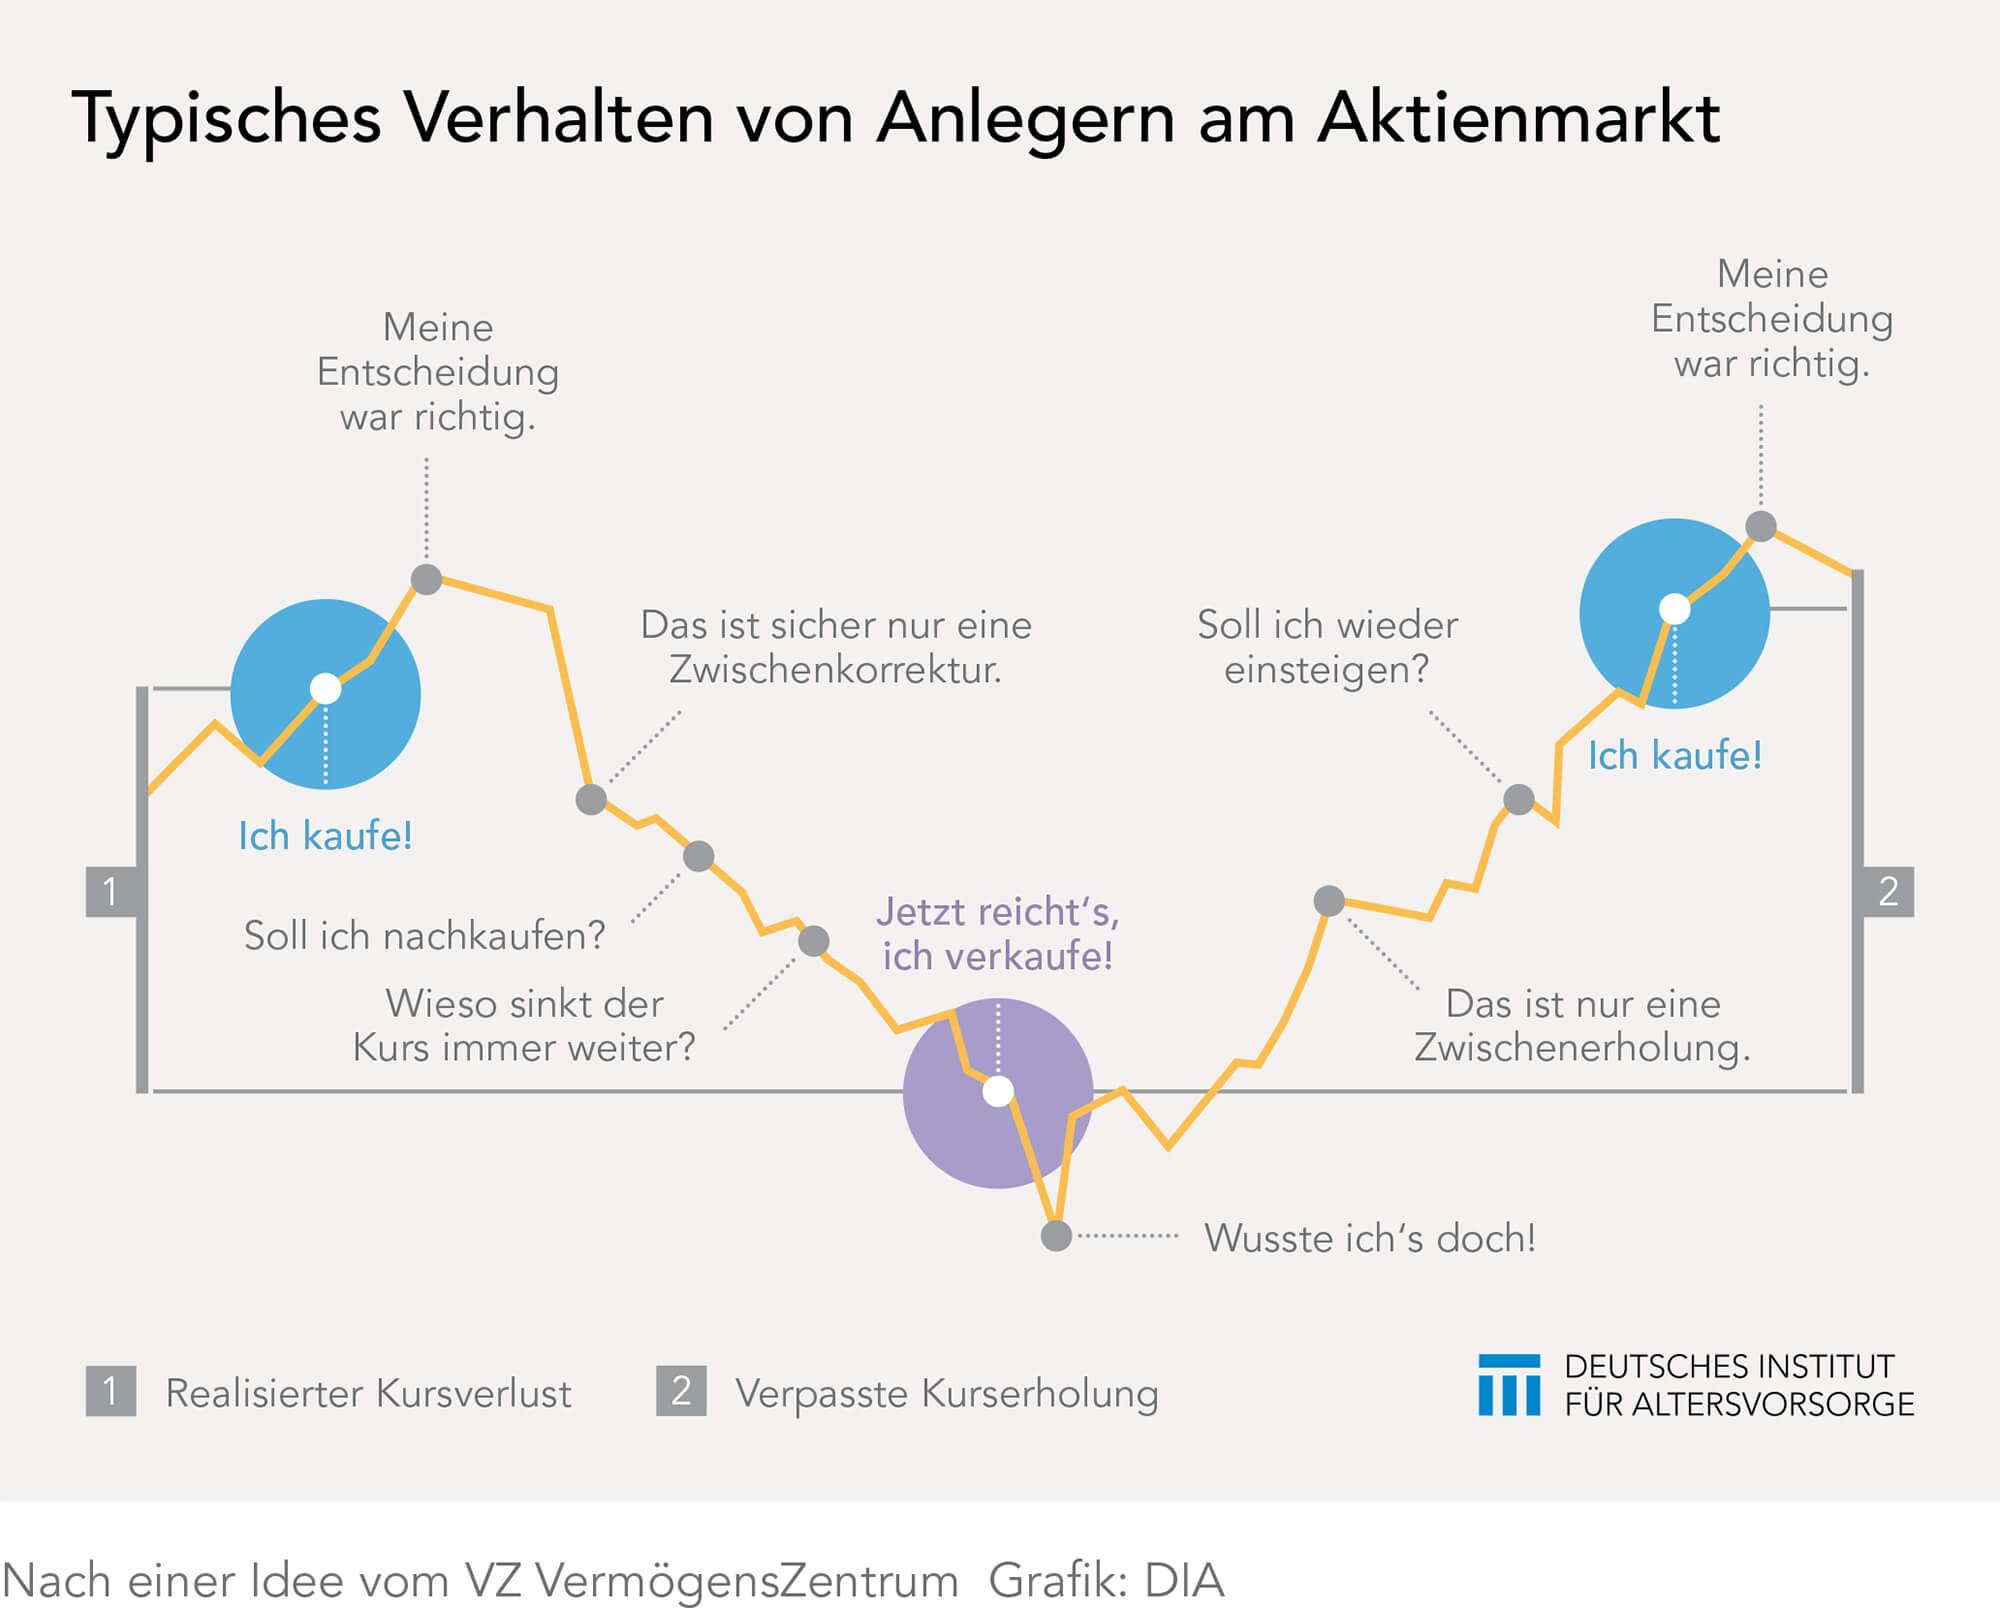 Verhalten der Anleger